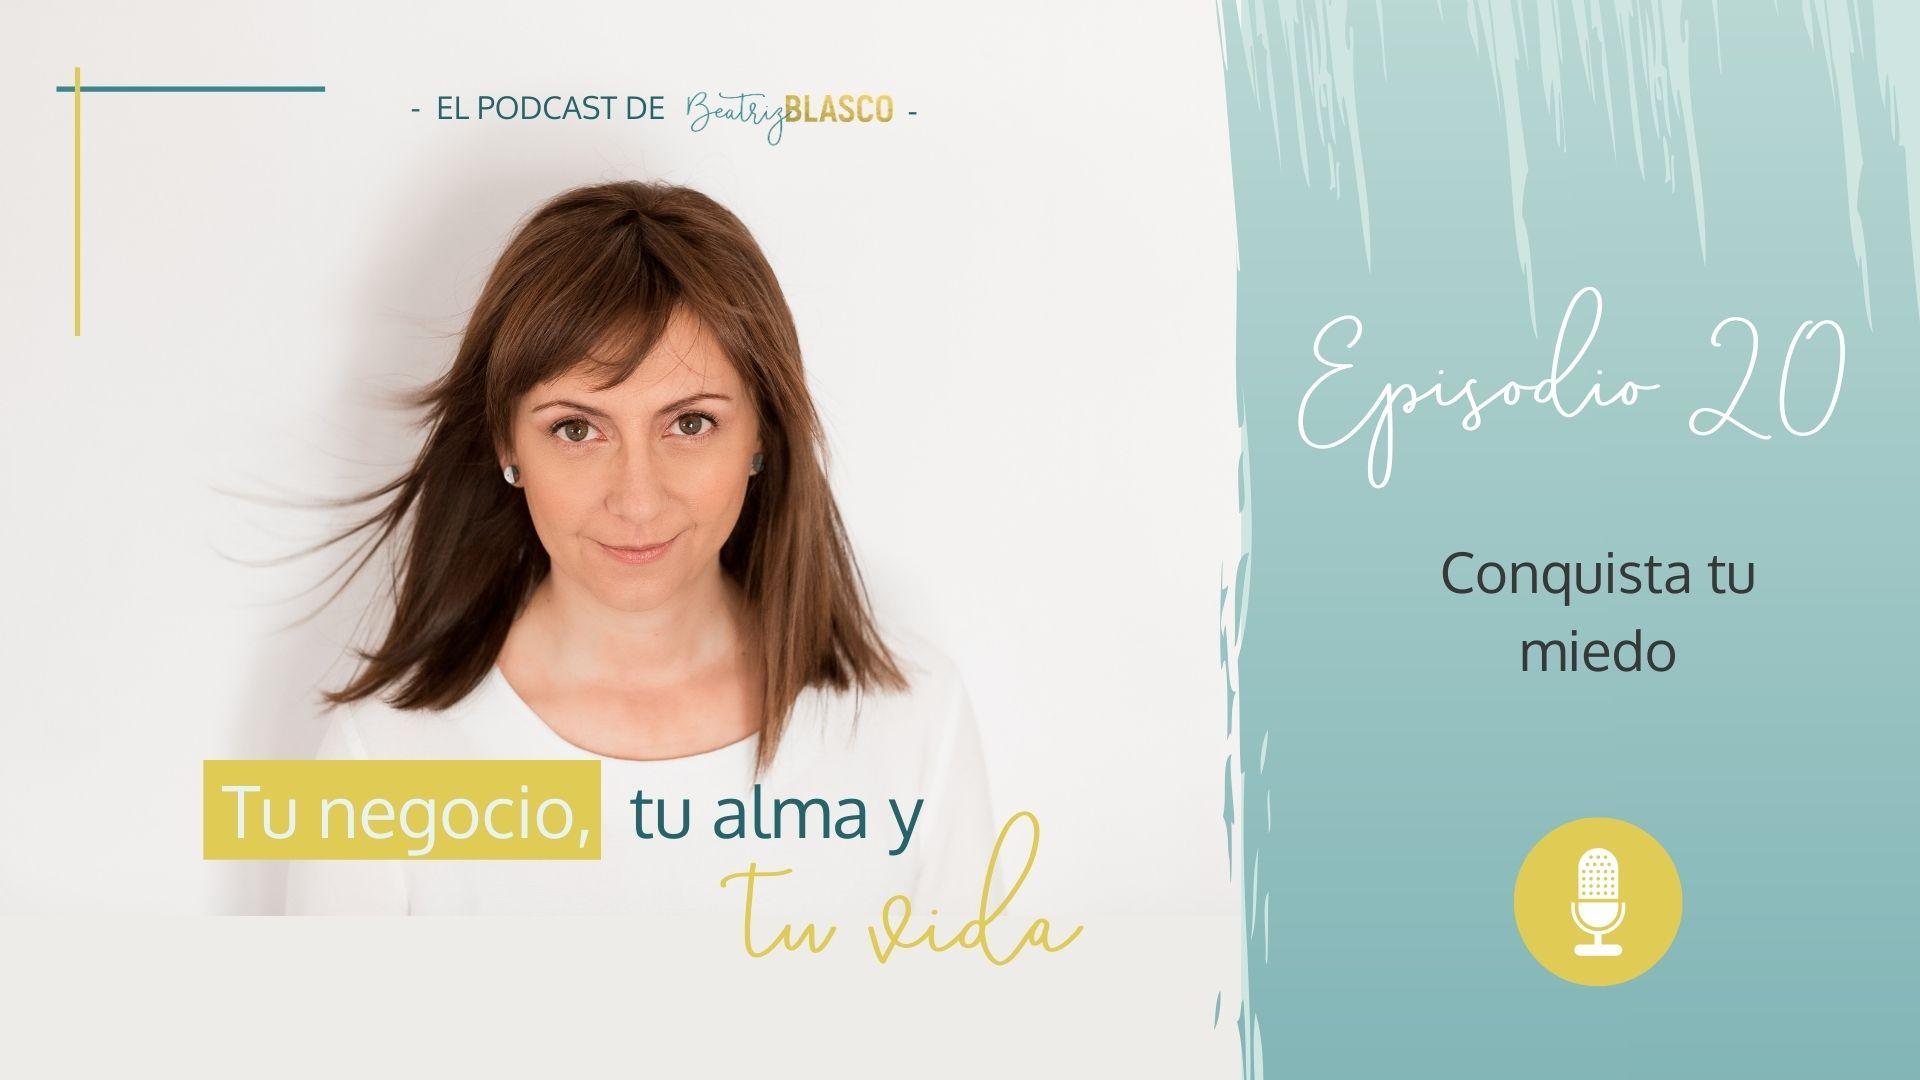 Podcast: Consquita tu miedo